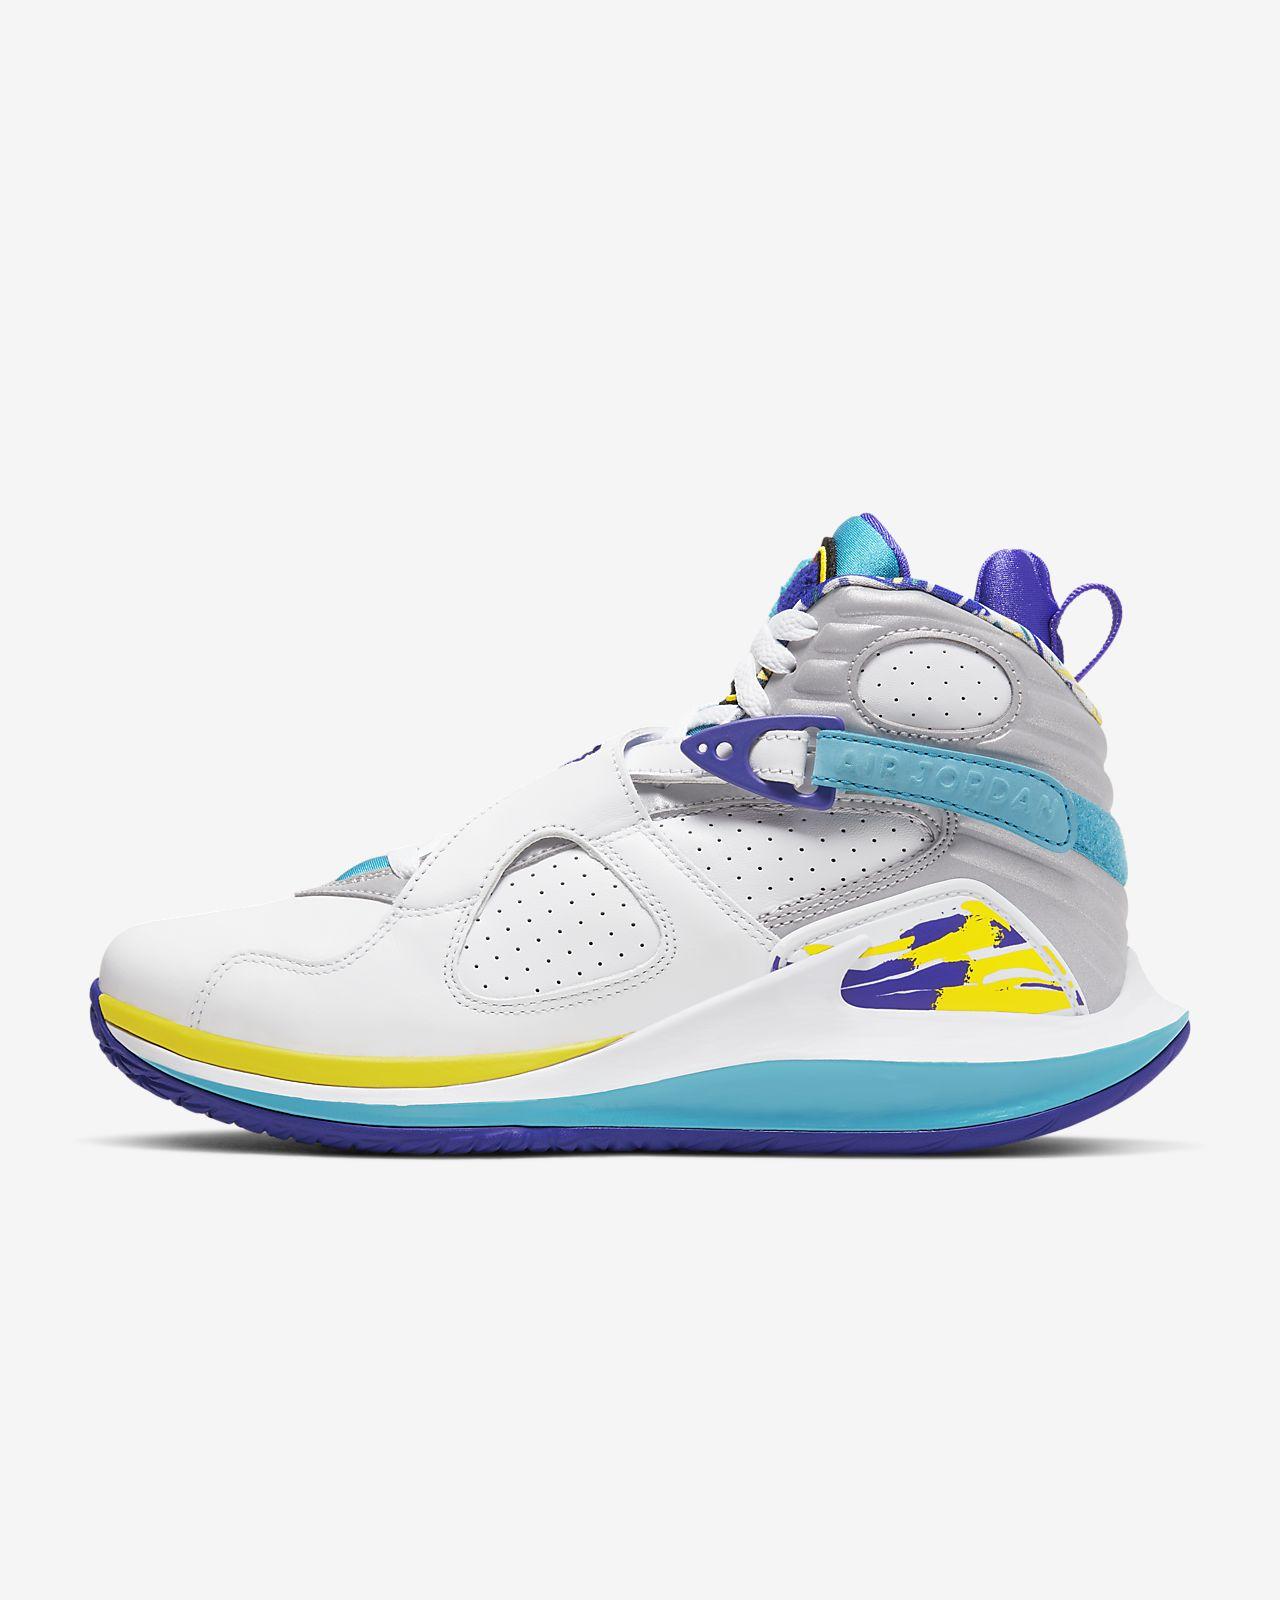 NikeCourt Zoom Zero Jordan 8 Sabatilles per a pista ràpida de tennis - Dona